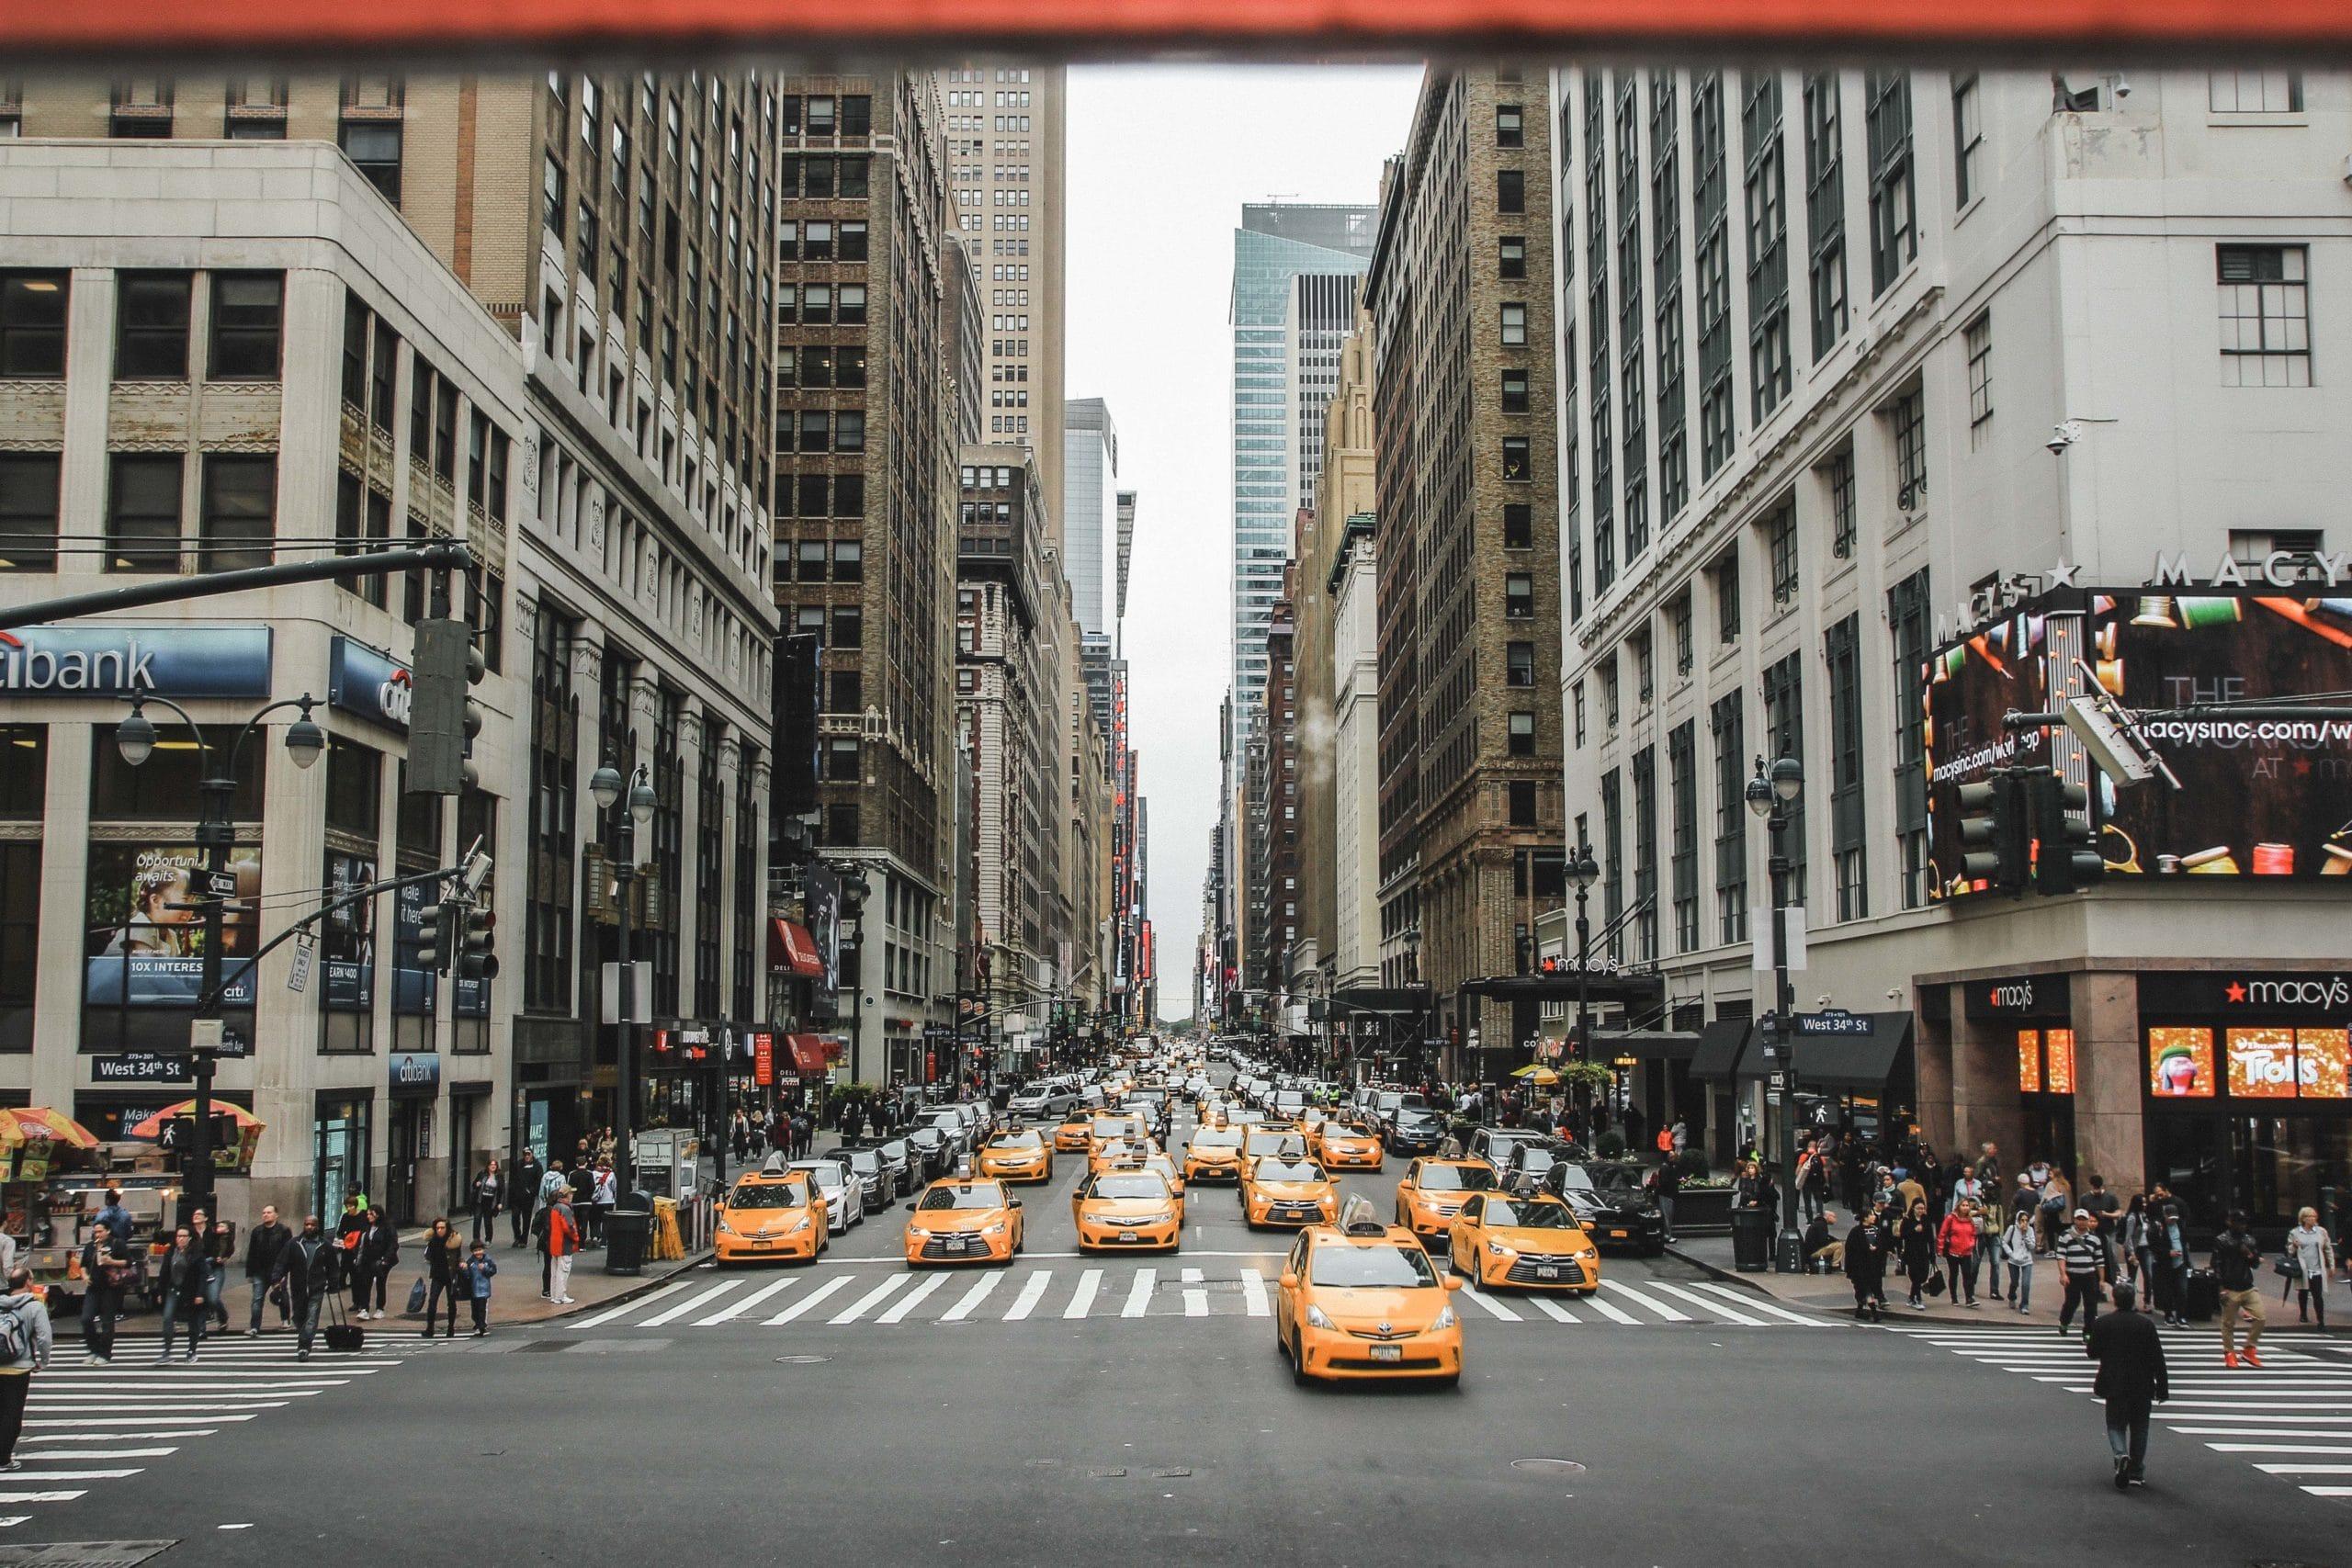 nyc street taxi